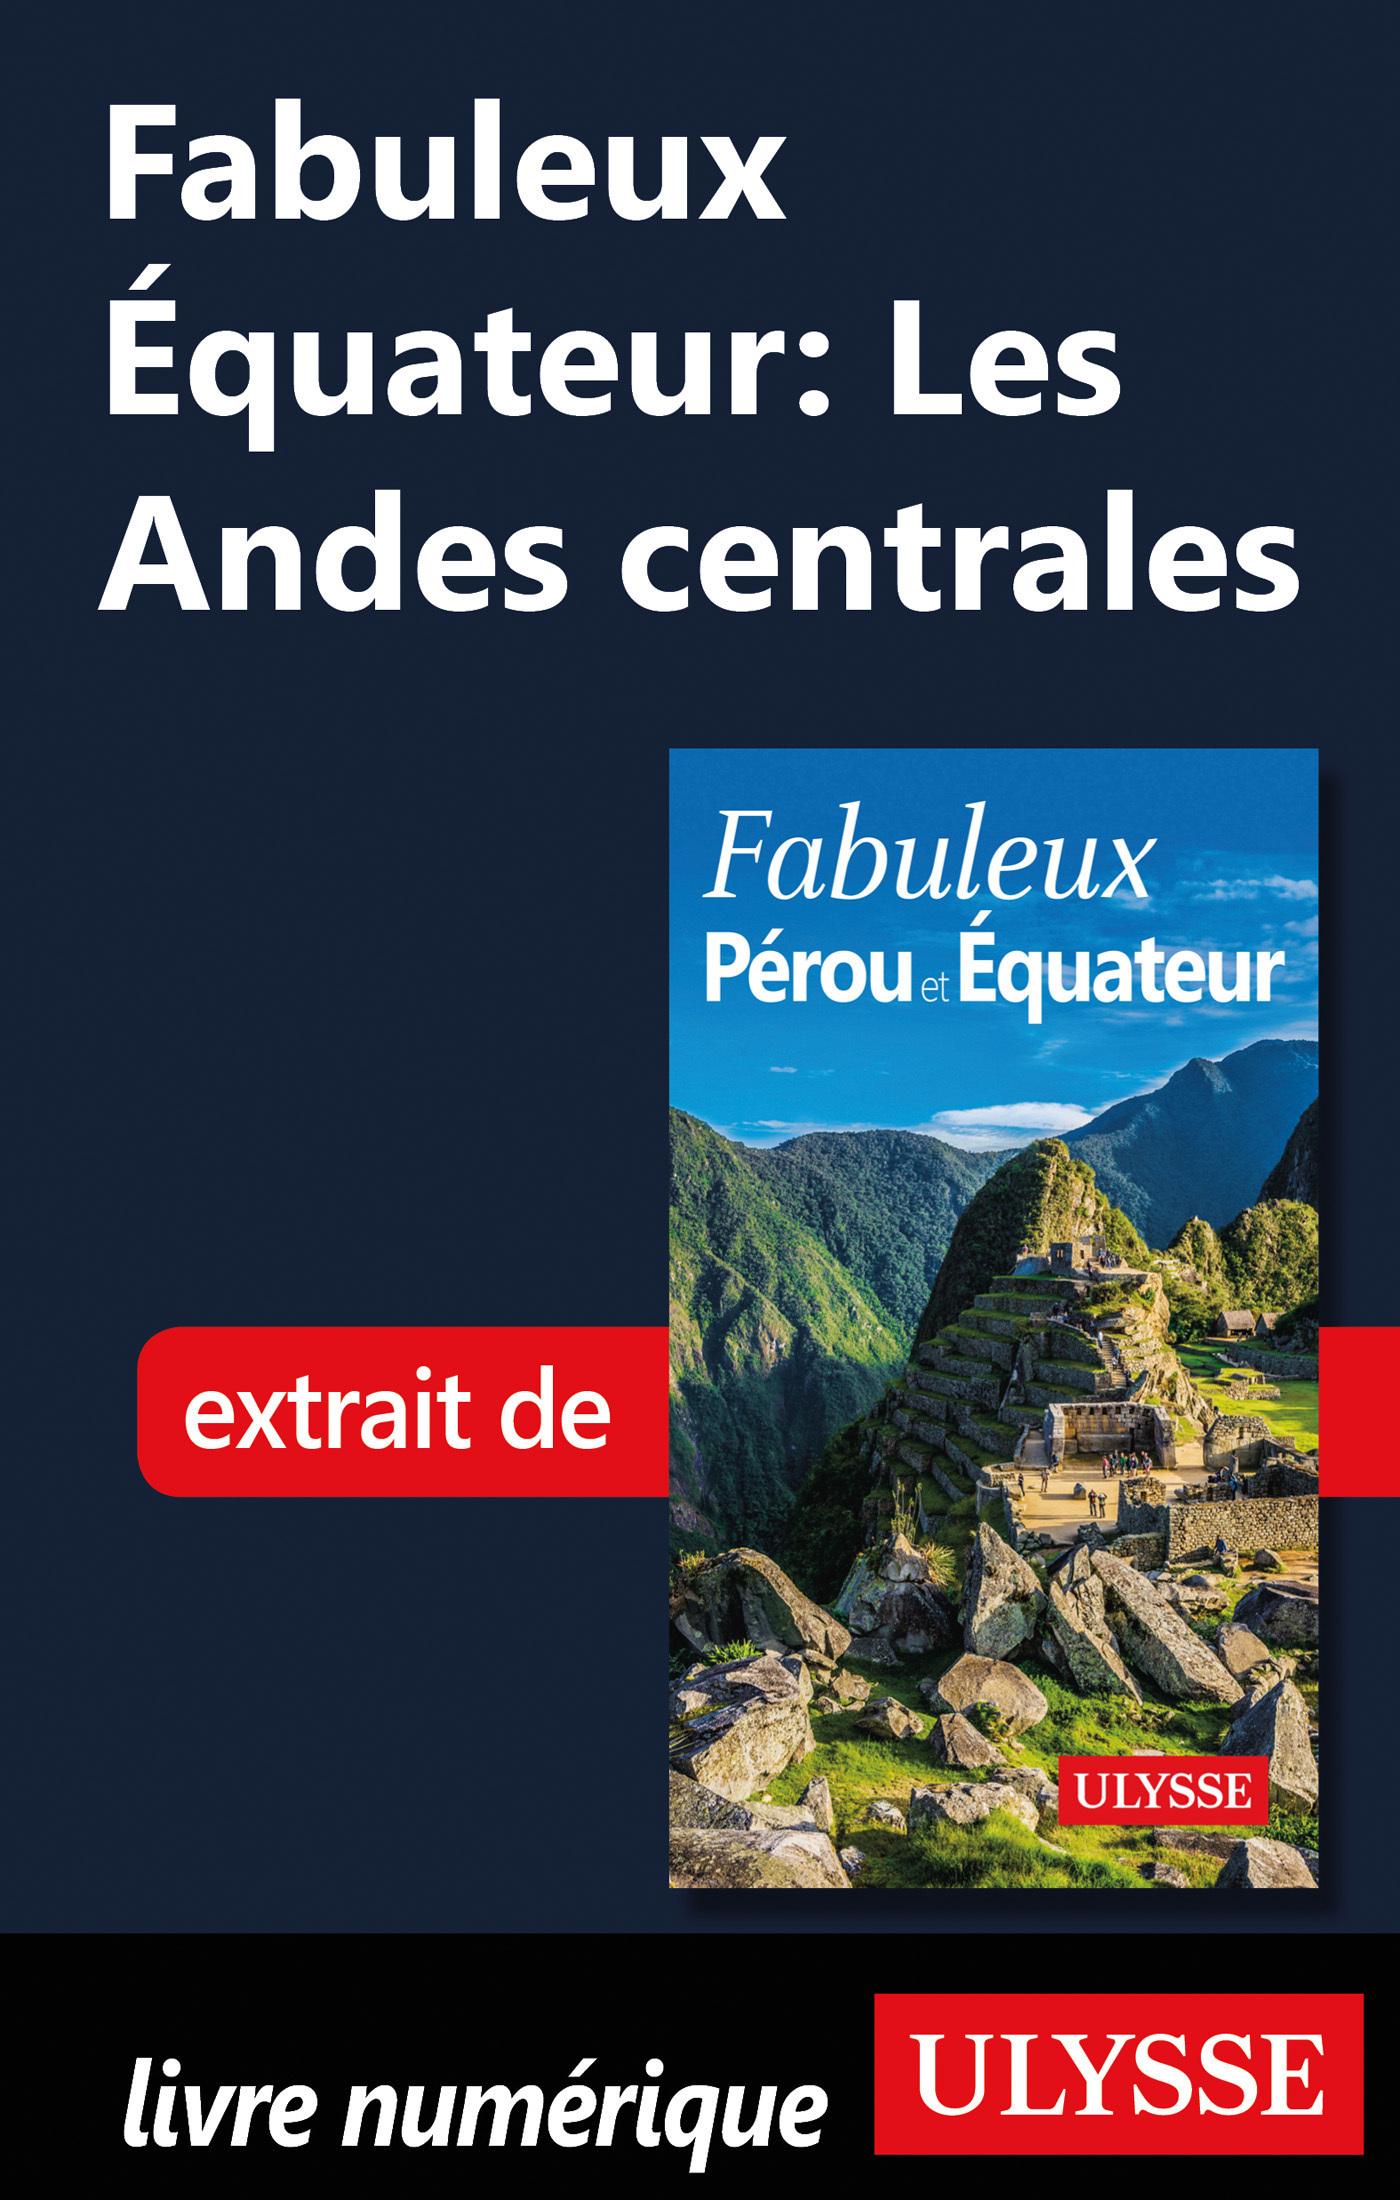 Fabuleux Equateur: Les Andes centrales